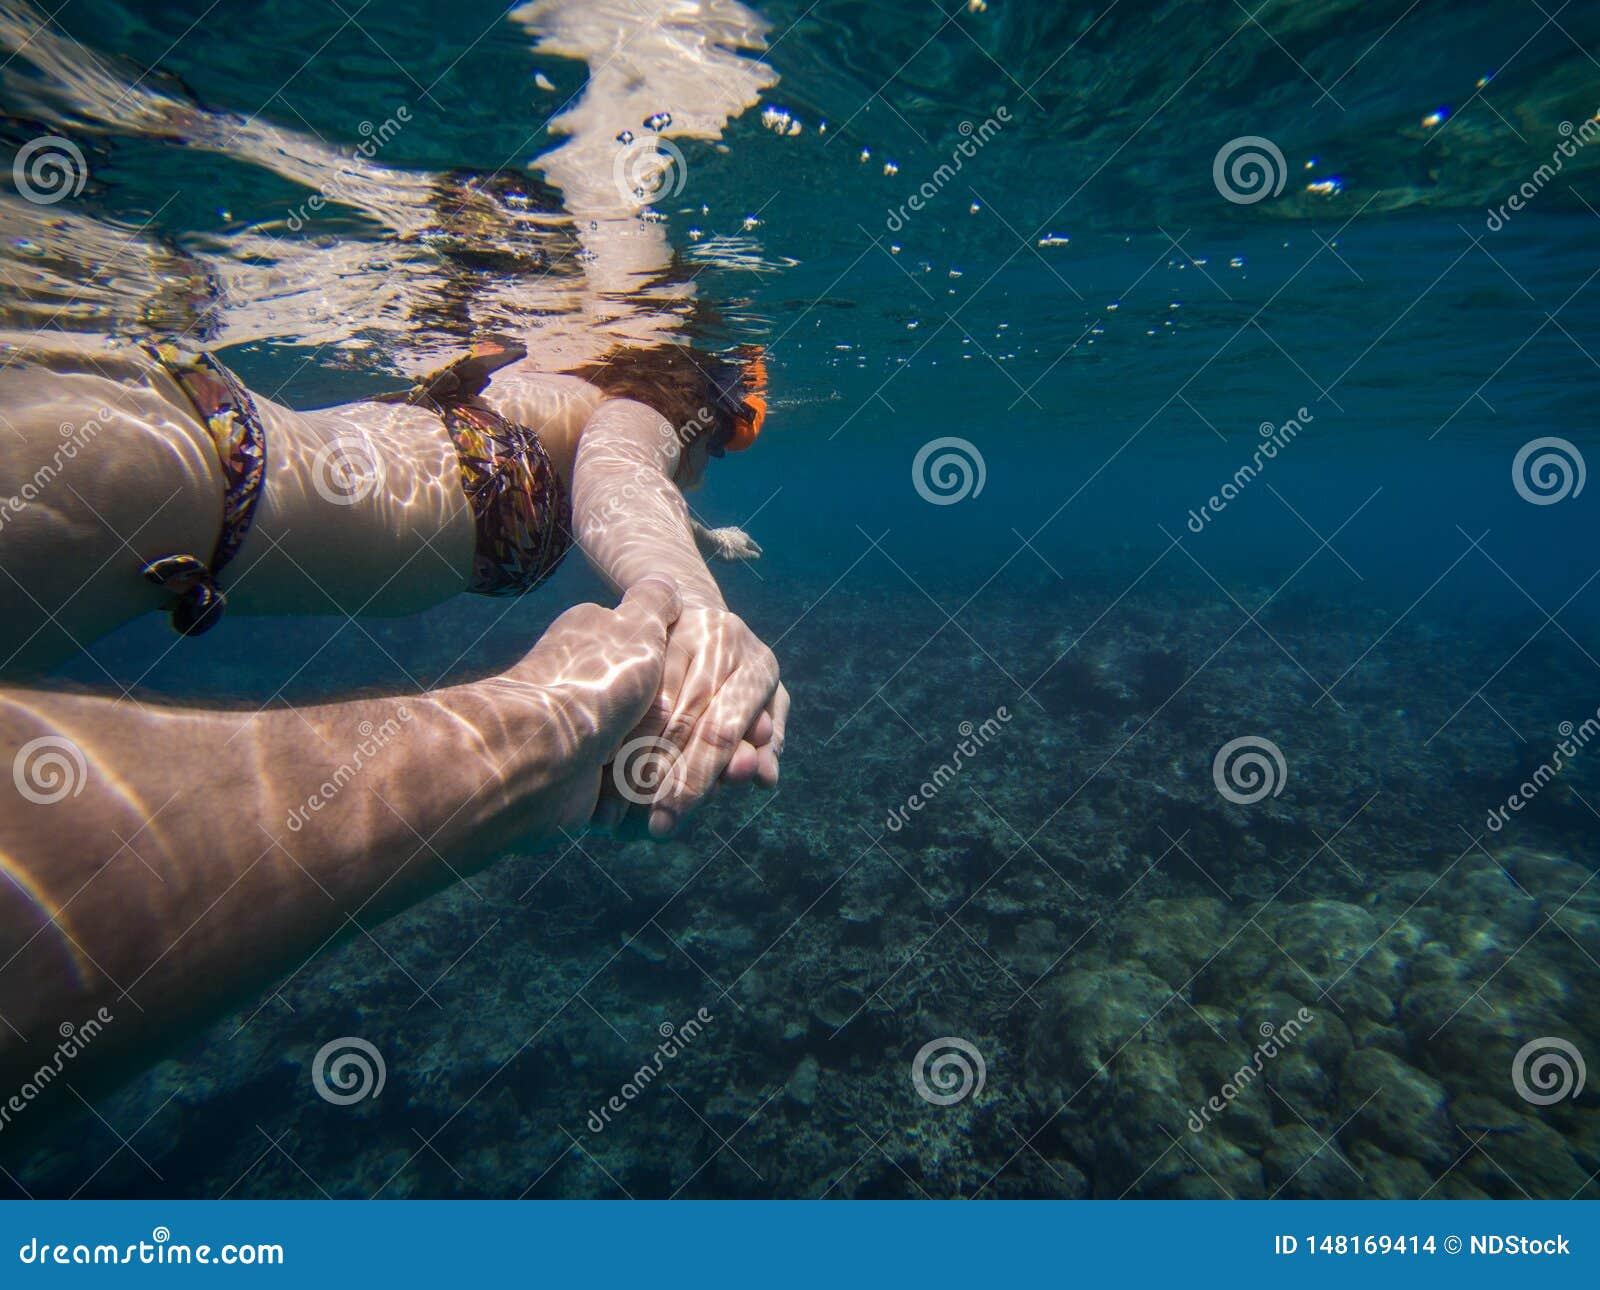 Följ mig begreppet av ett ungt par som snorklar i havet bl?tt klart vatten